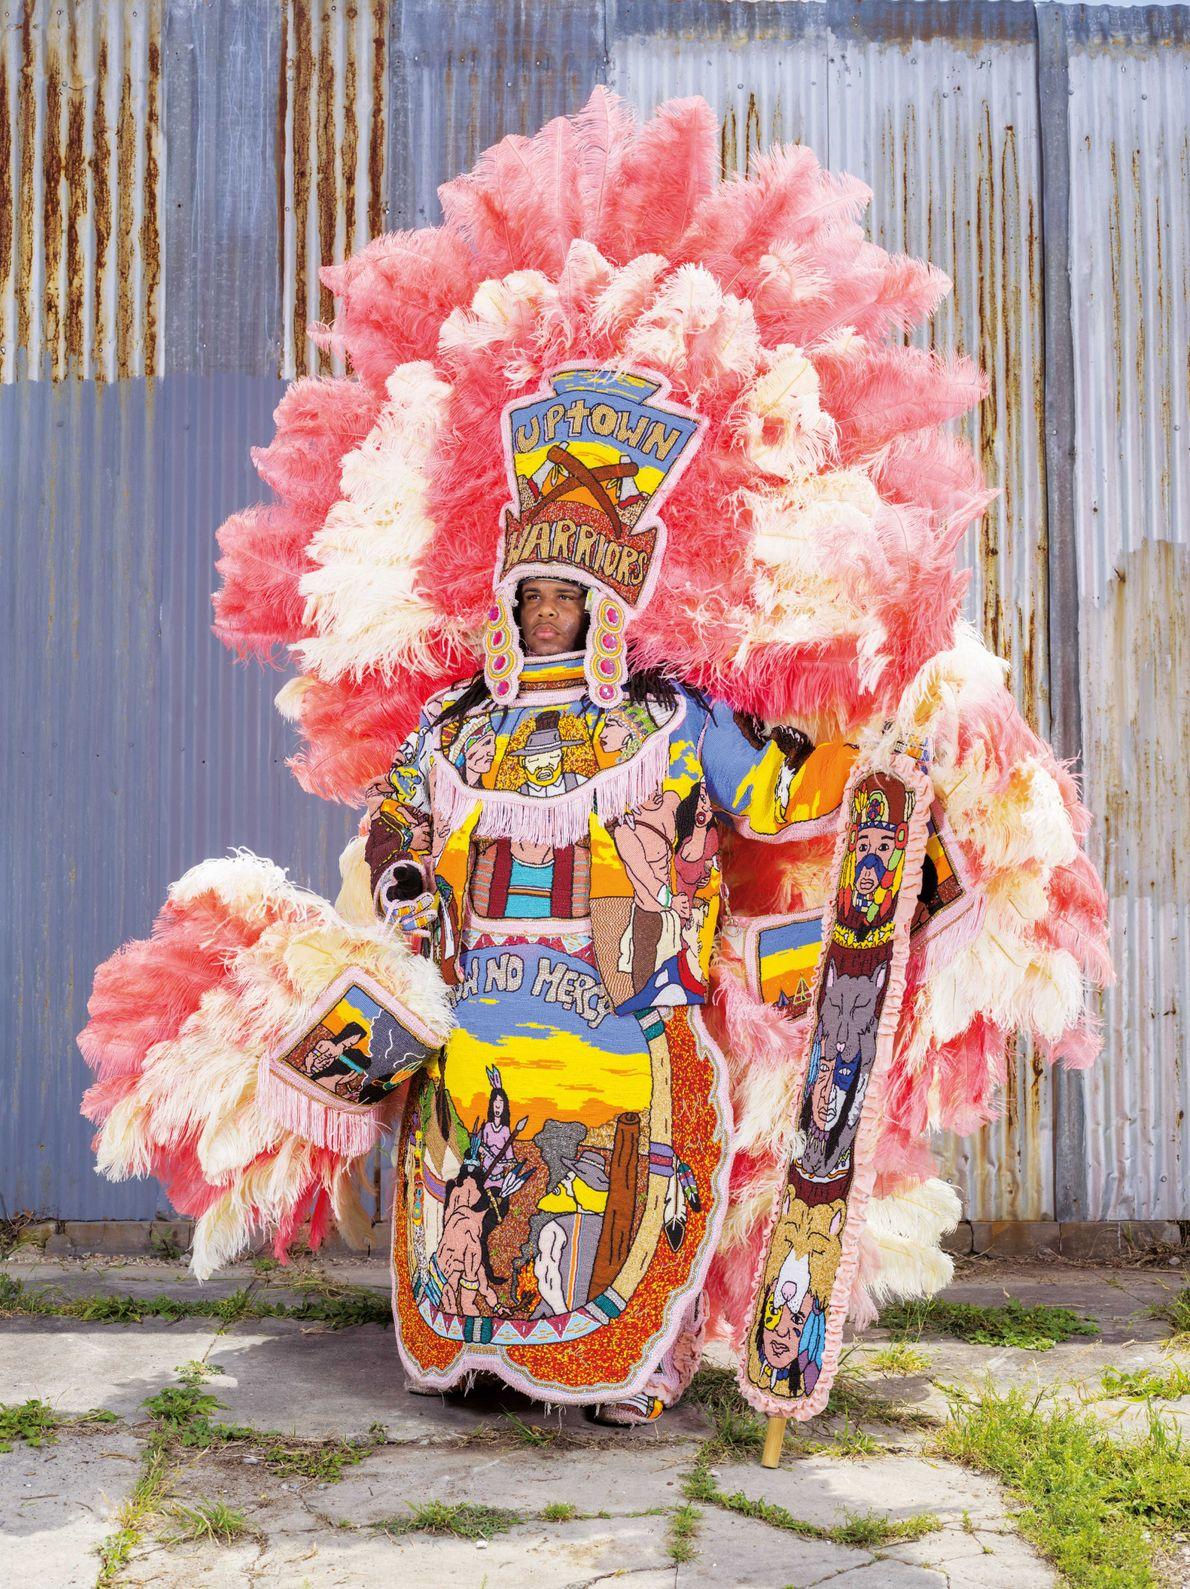 Les Indiens du Mardi gras sont typiques du carnaval de La Nouvelle-Orléans ( États-Unis) : des ...